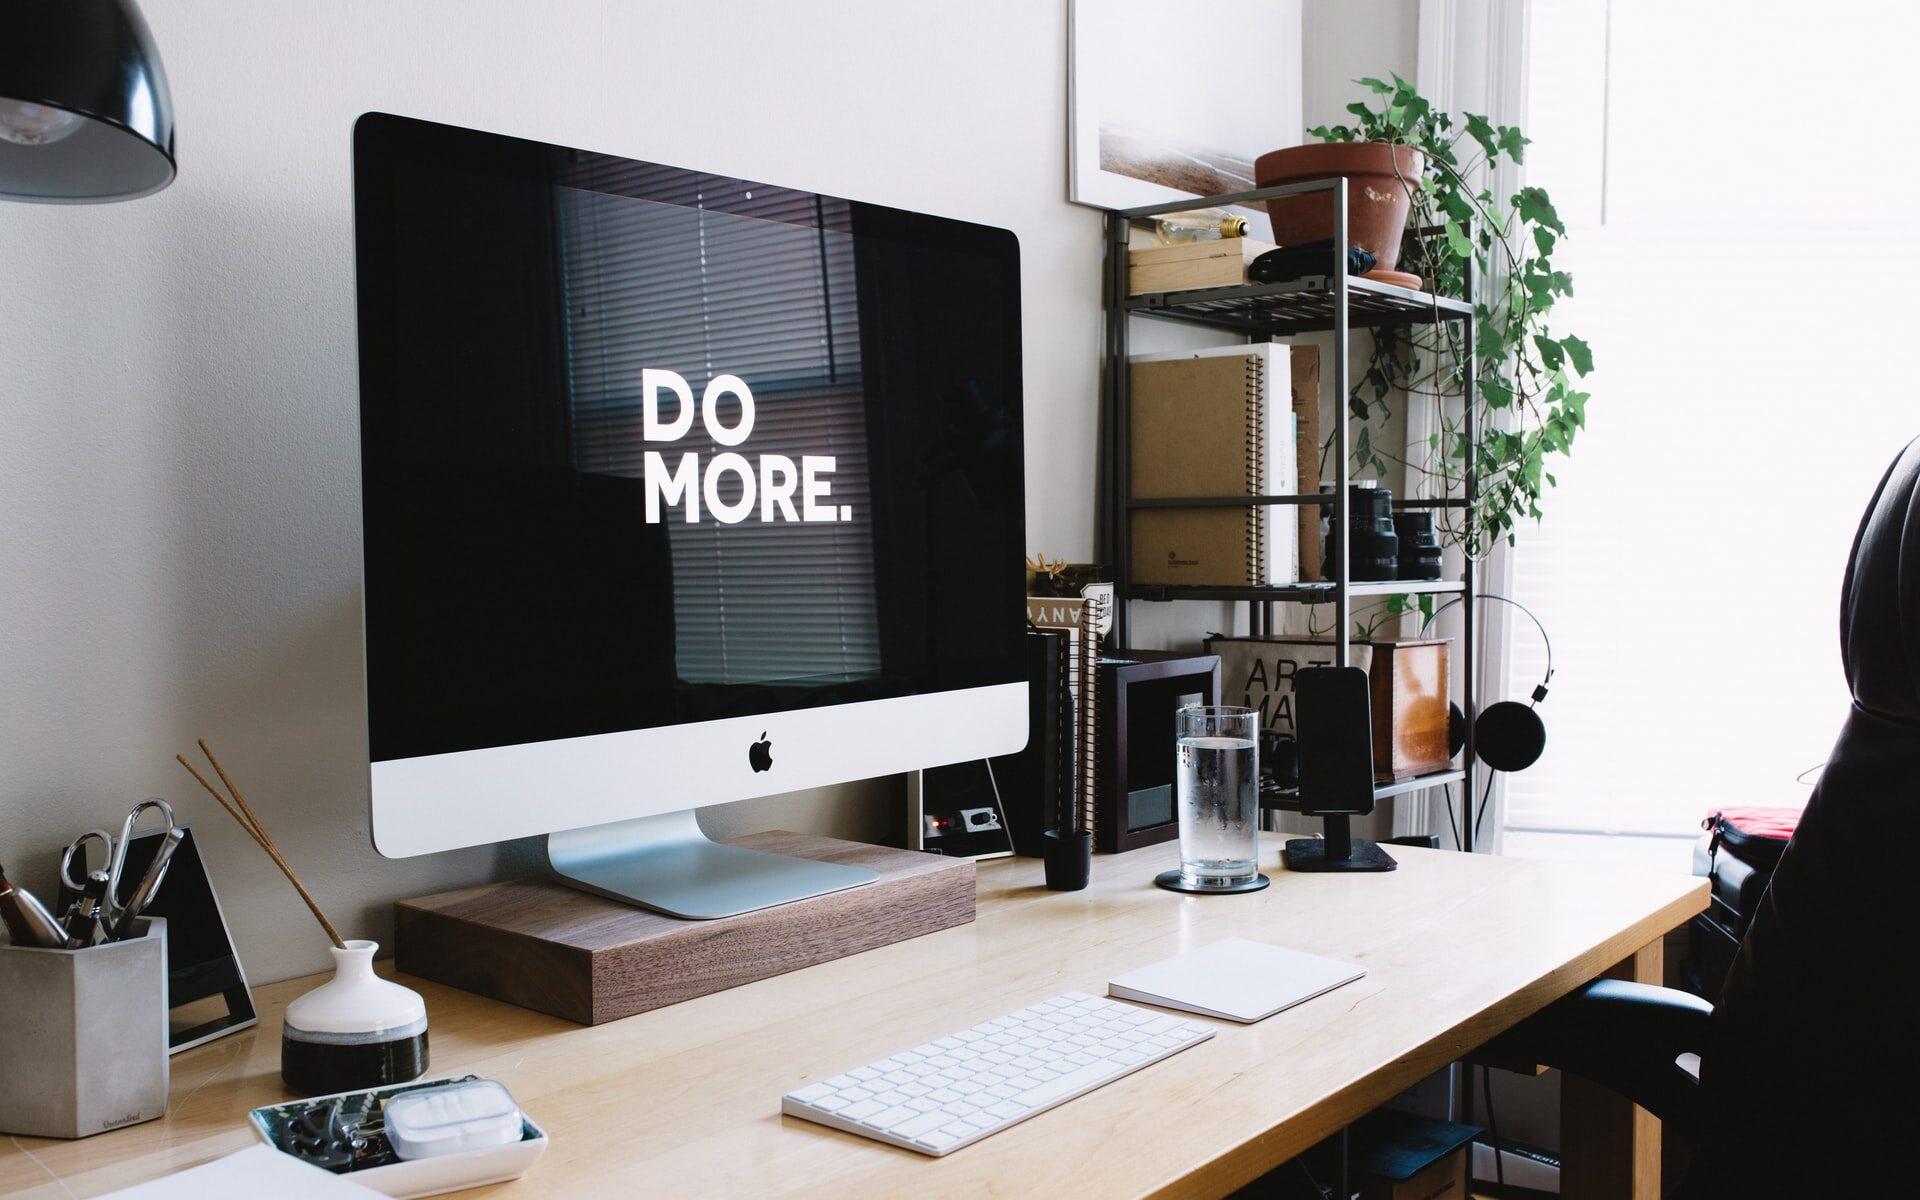 """Työpöydällä oleva Applen tietokone, jonka näytöllä lukee """"Do more""""."""